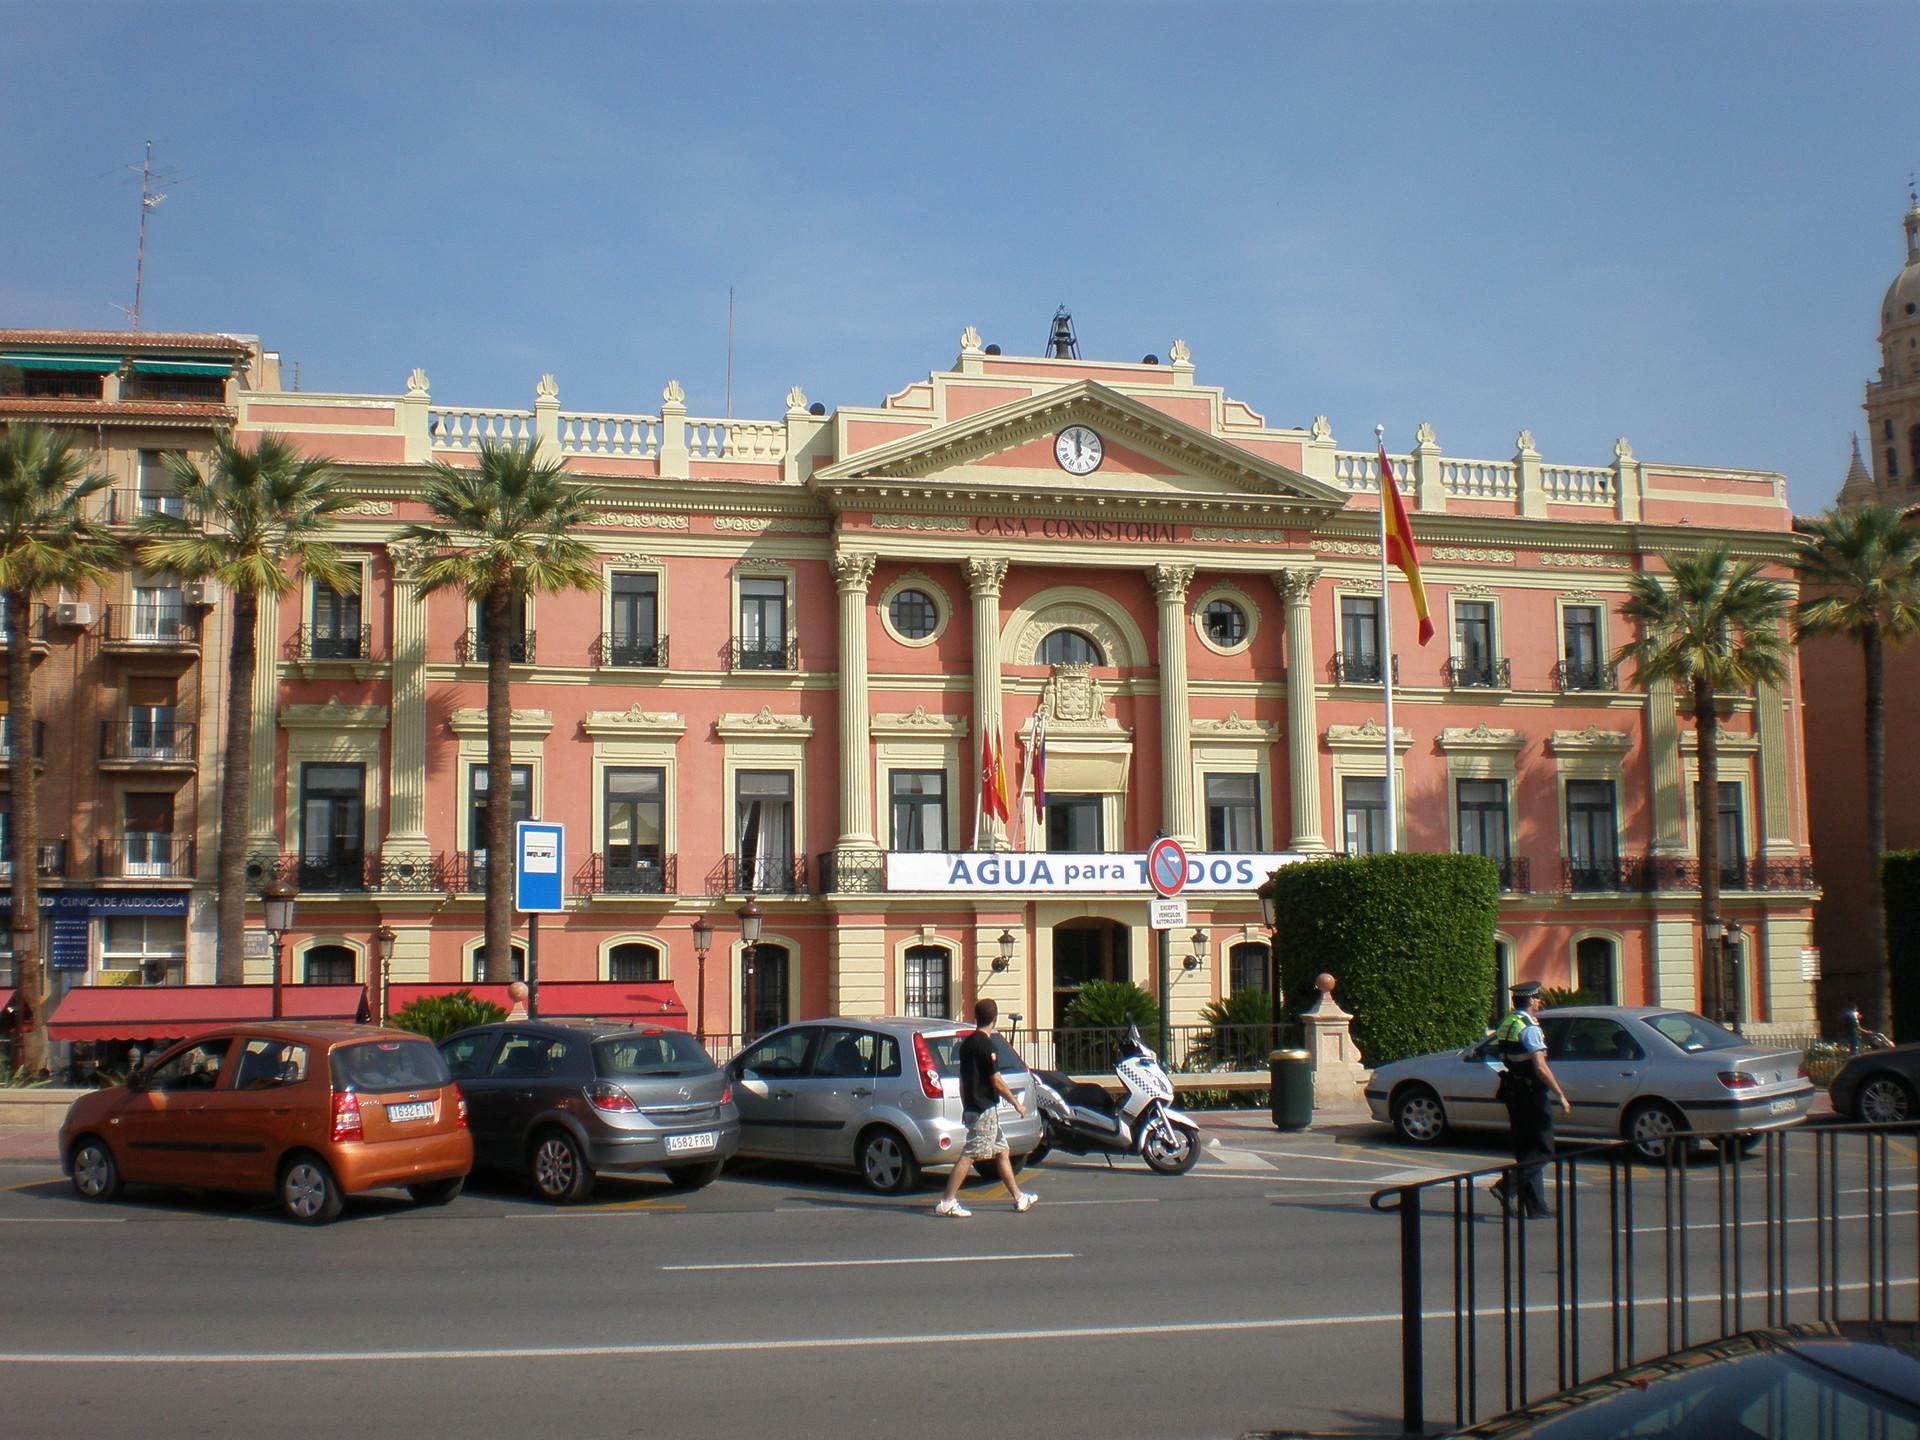 Erasmusowe doświadczenia w Murcji, Hiszpania oczami Nguyen